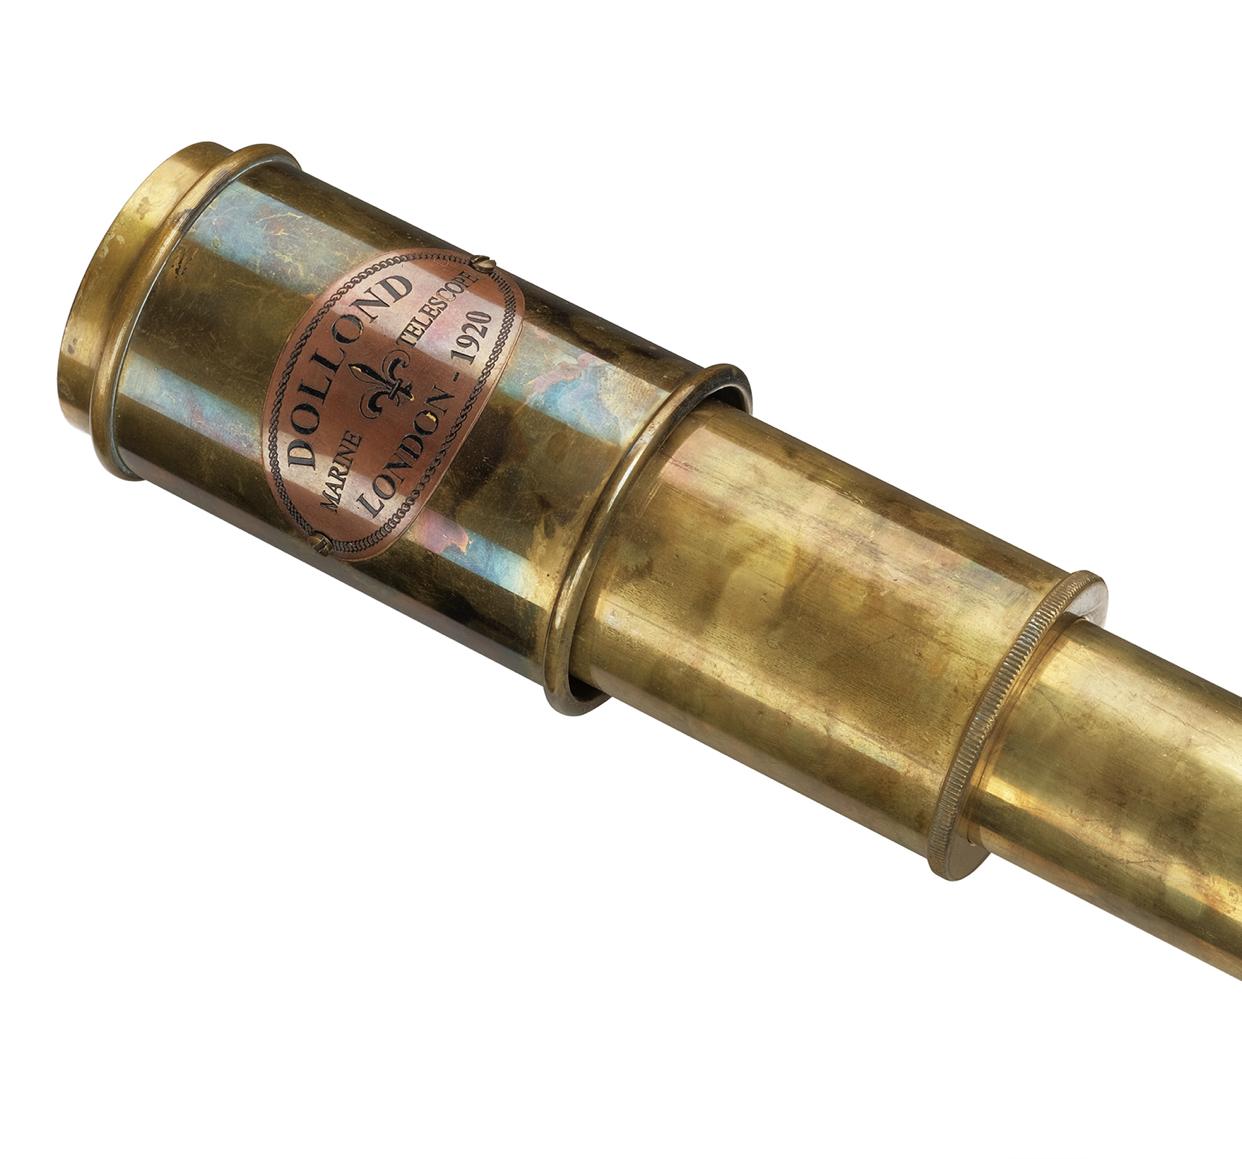 Сувенирная подзорная труба Dollond London  в кожаном футляре